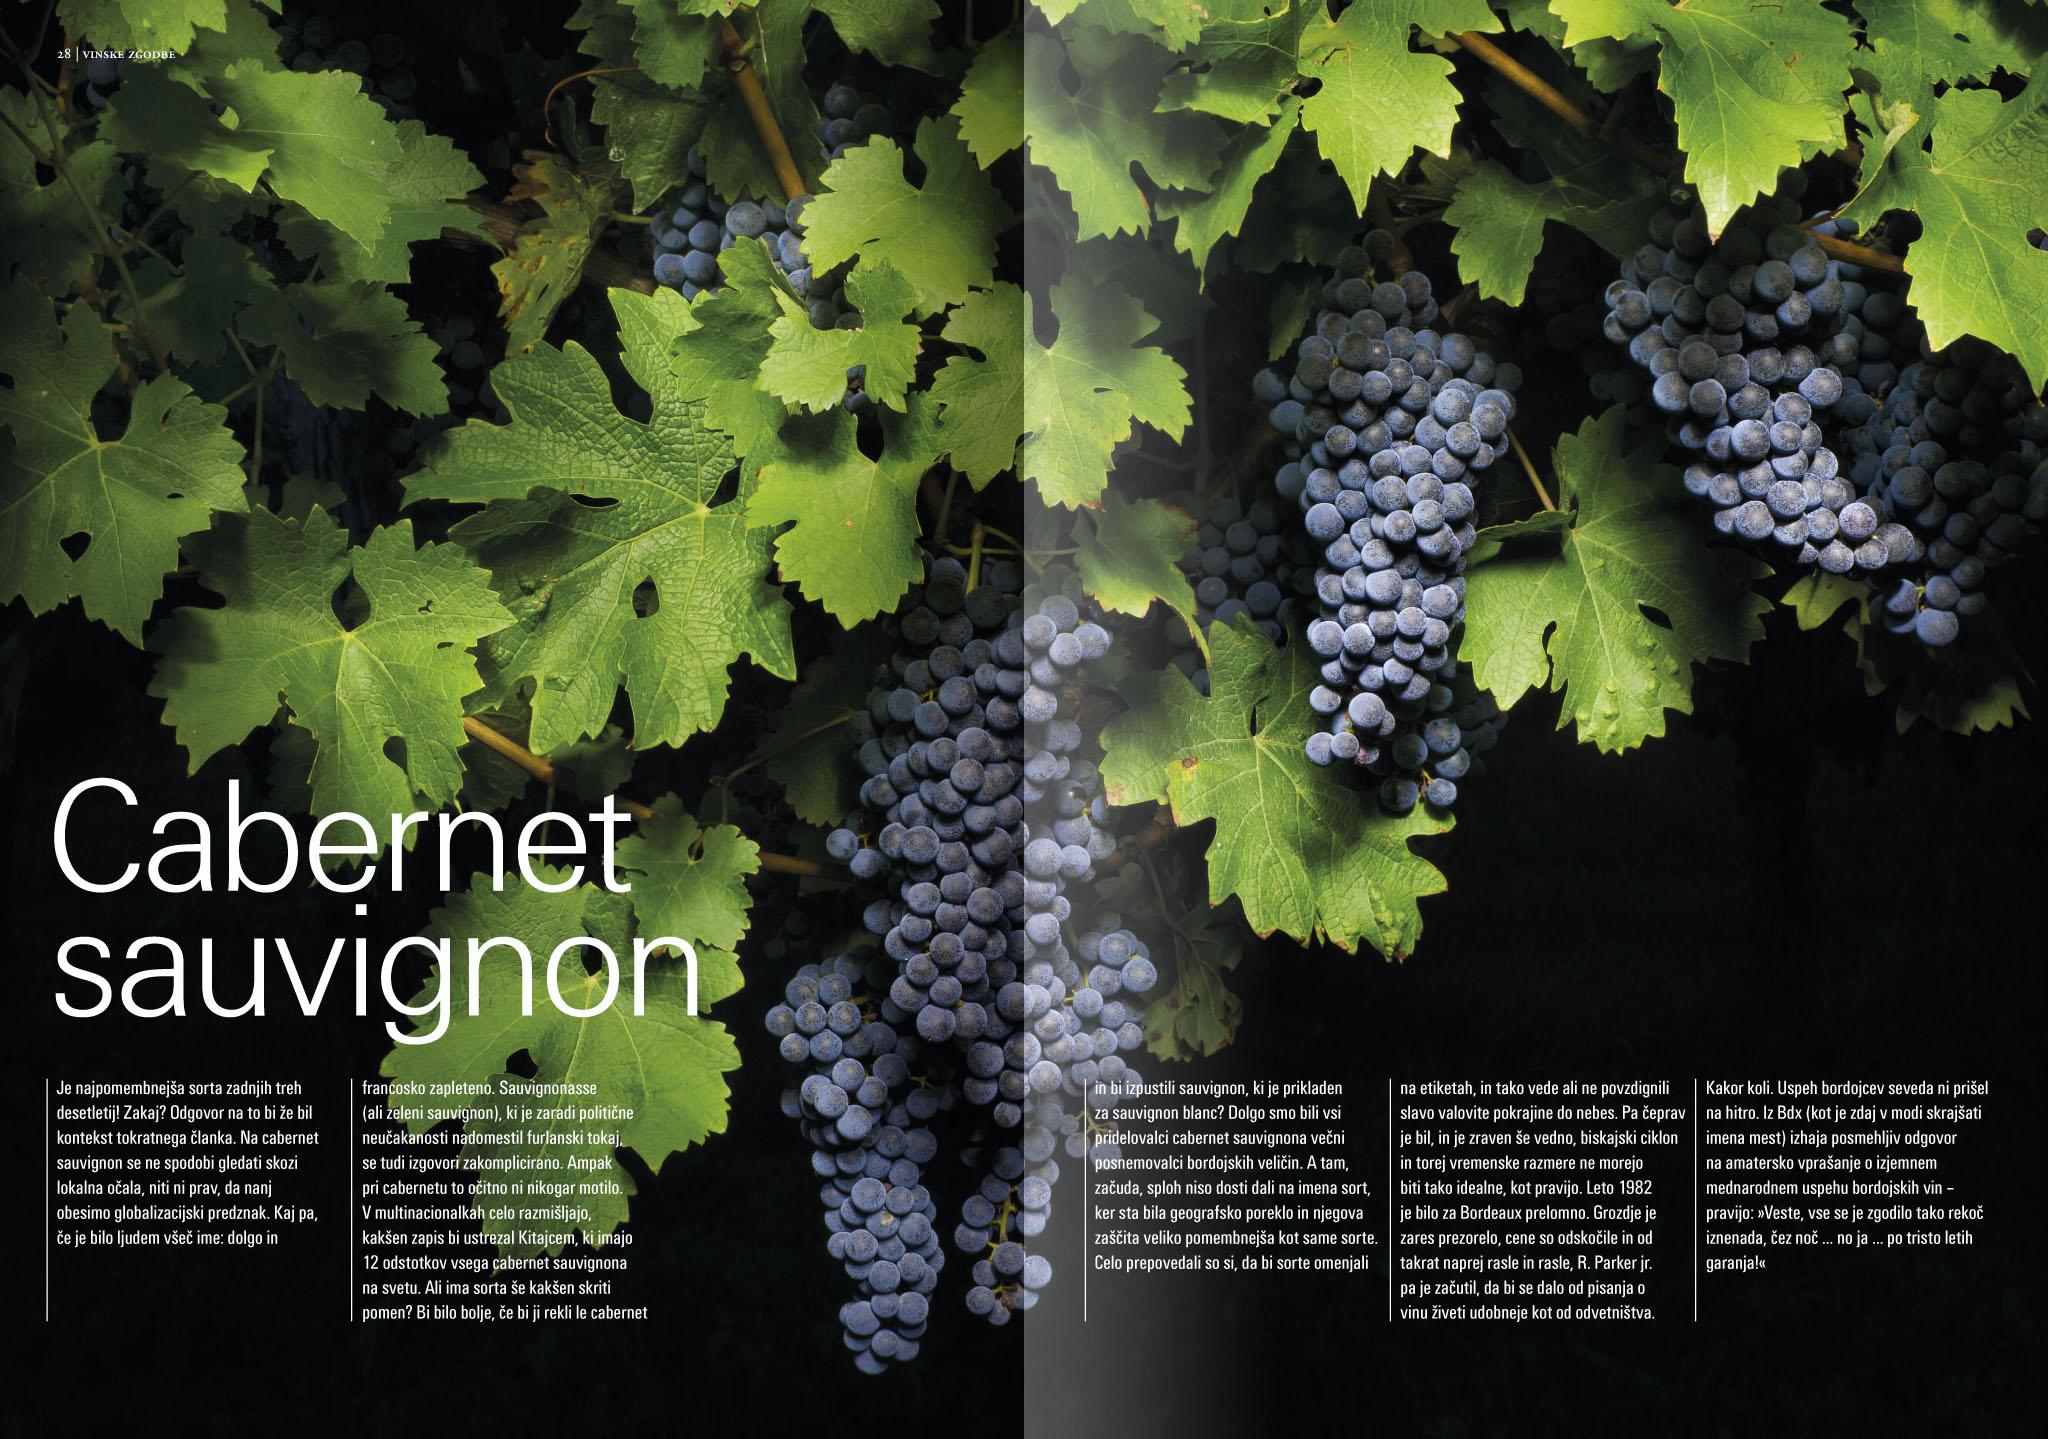 Revija Vino, pomlad 2015strani 28 in 29 - uvodne strani članka Cabernet sauvignon· Naročnik: Revija Vino · Fotografija za članek: Marijan Močivnik · 2014 ·